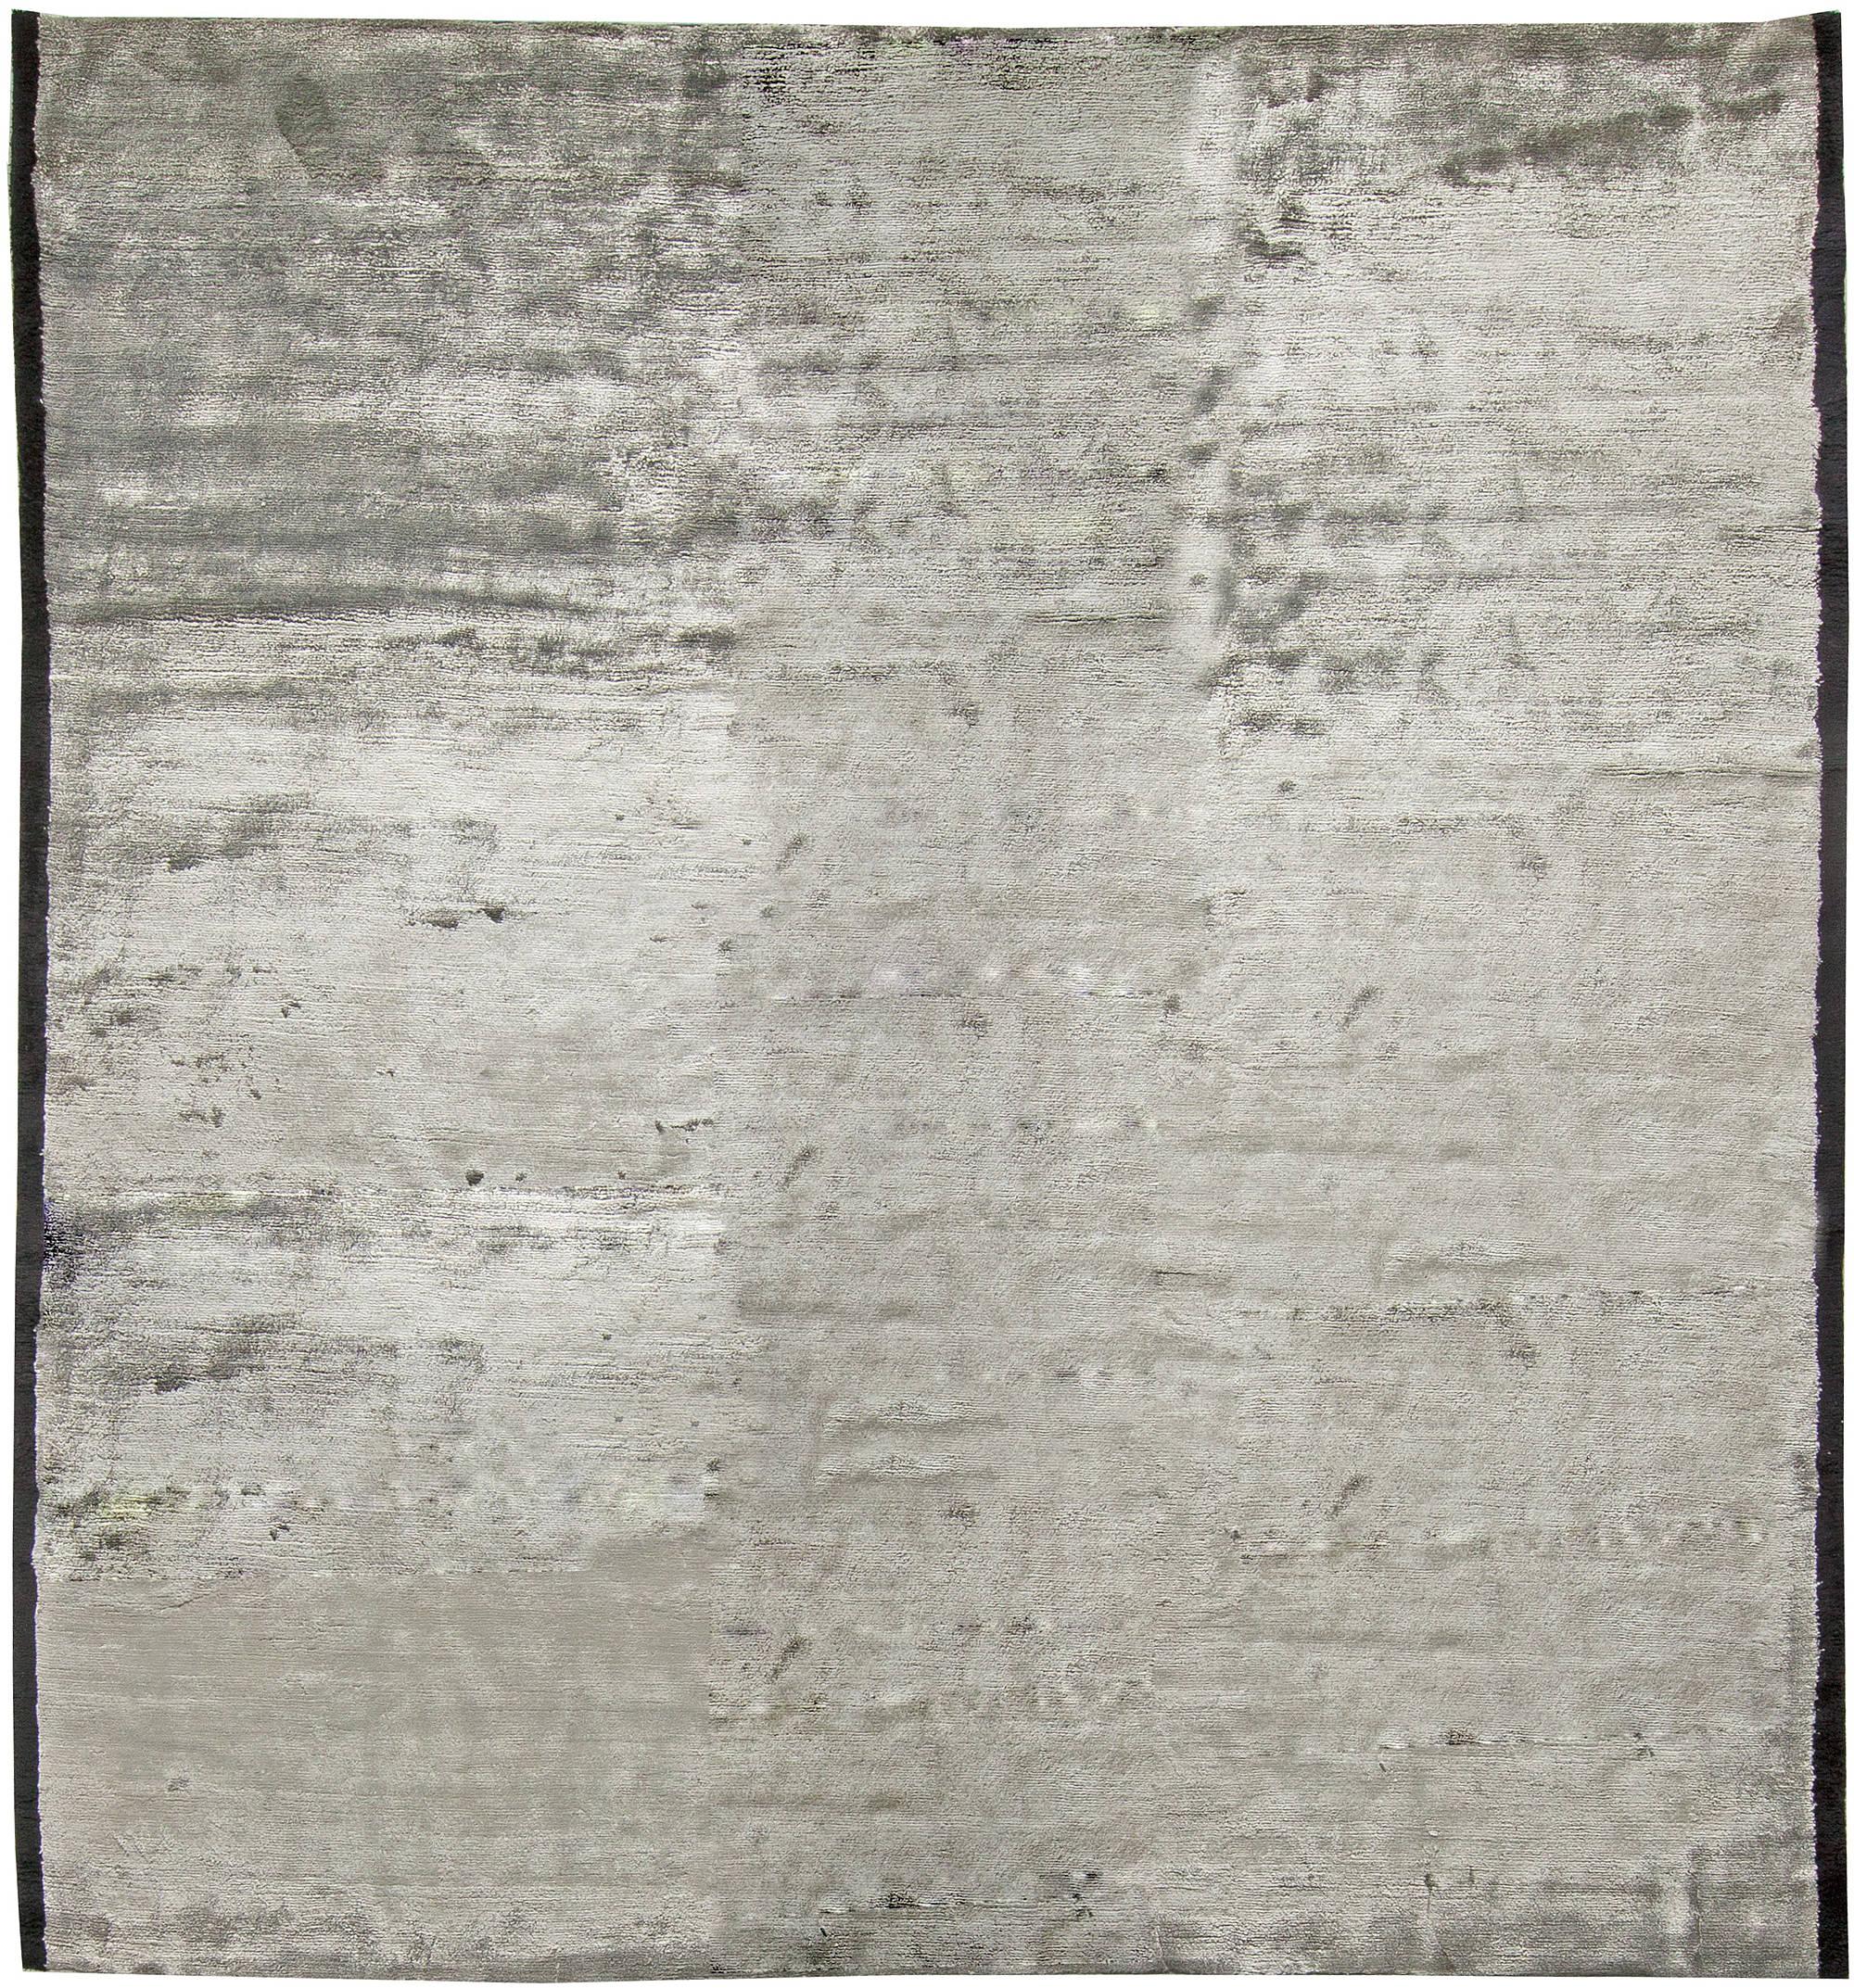 silk rugs banana silk rug n10983. arrow down  47161db02bae4ef92bdede423862e8f0c2b91f81311572b5a8bb90eef3001a34 DLYFHSG